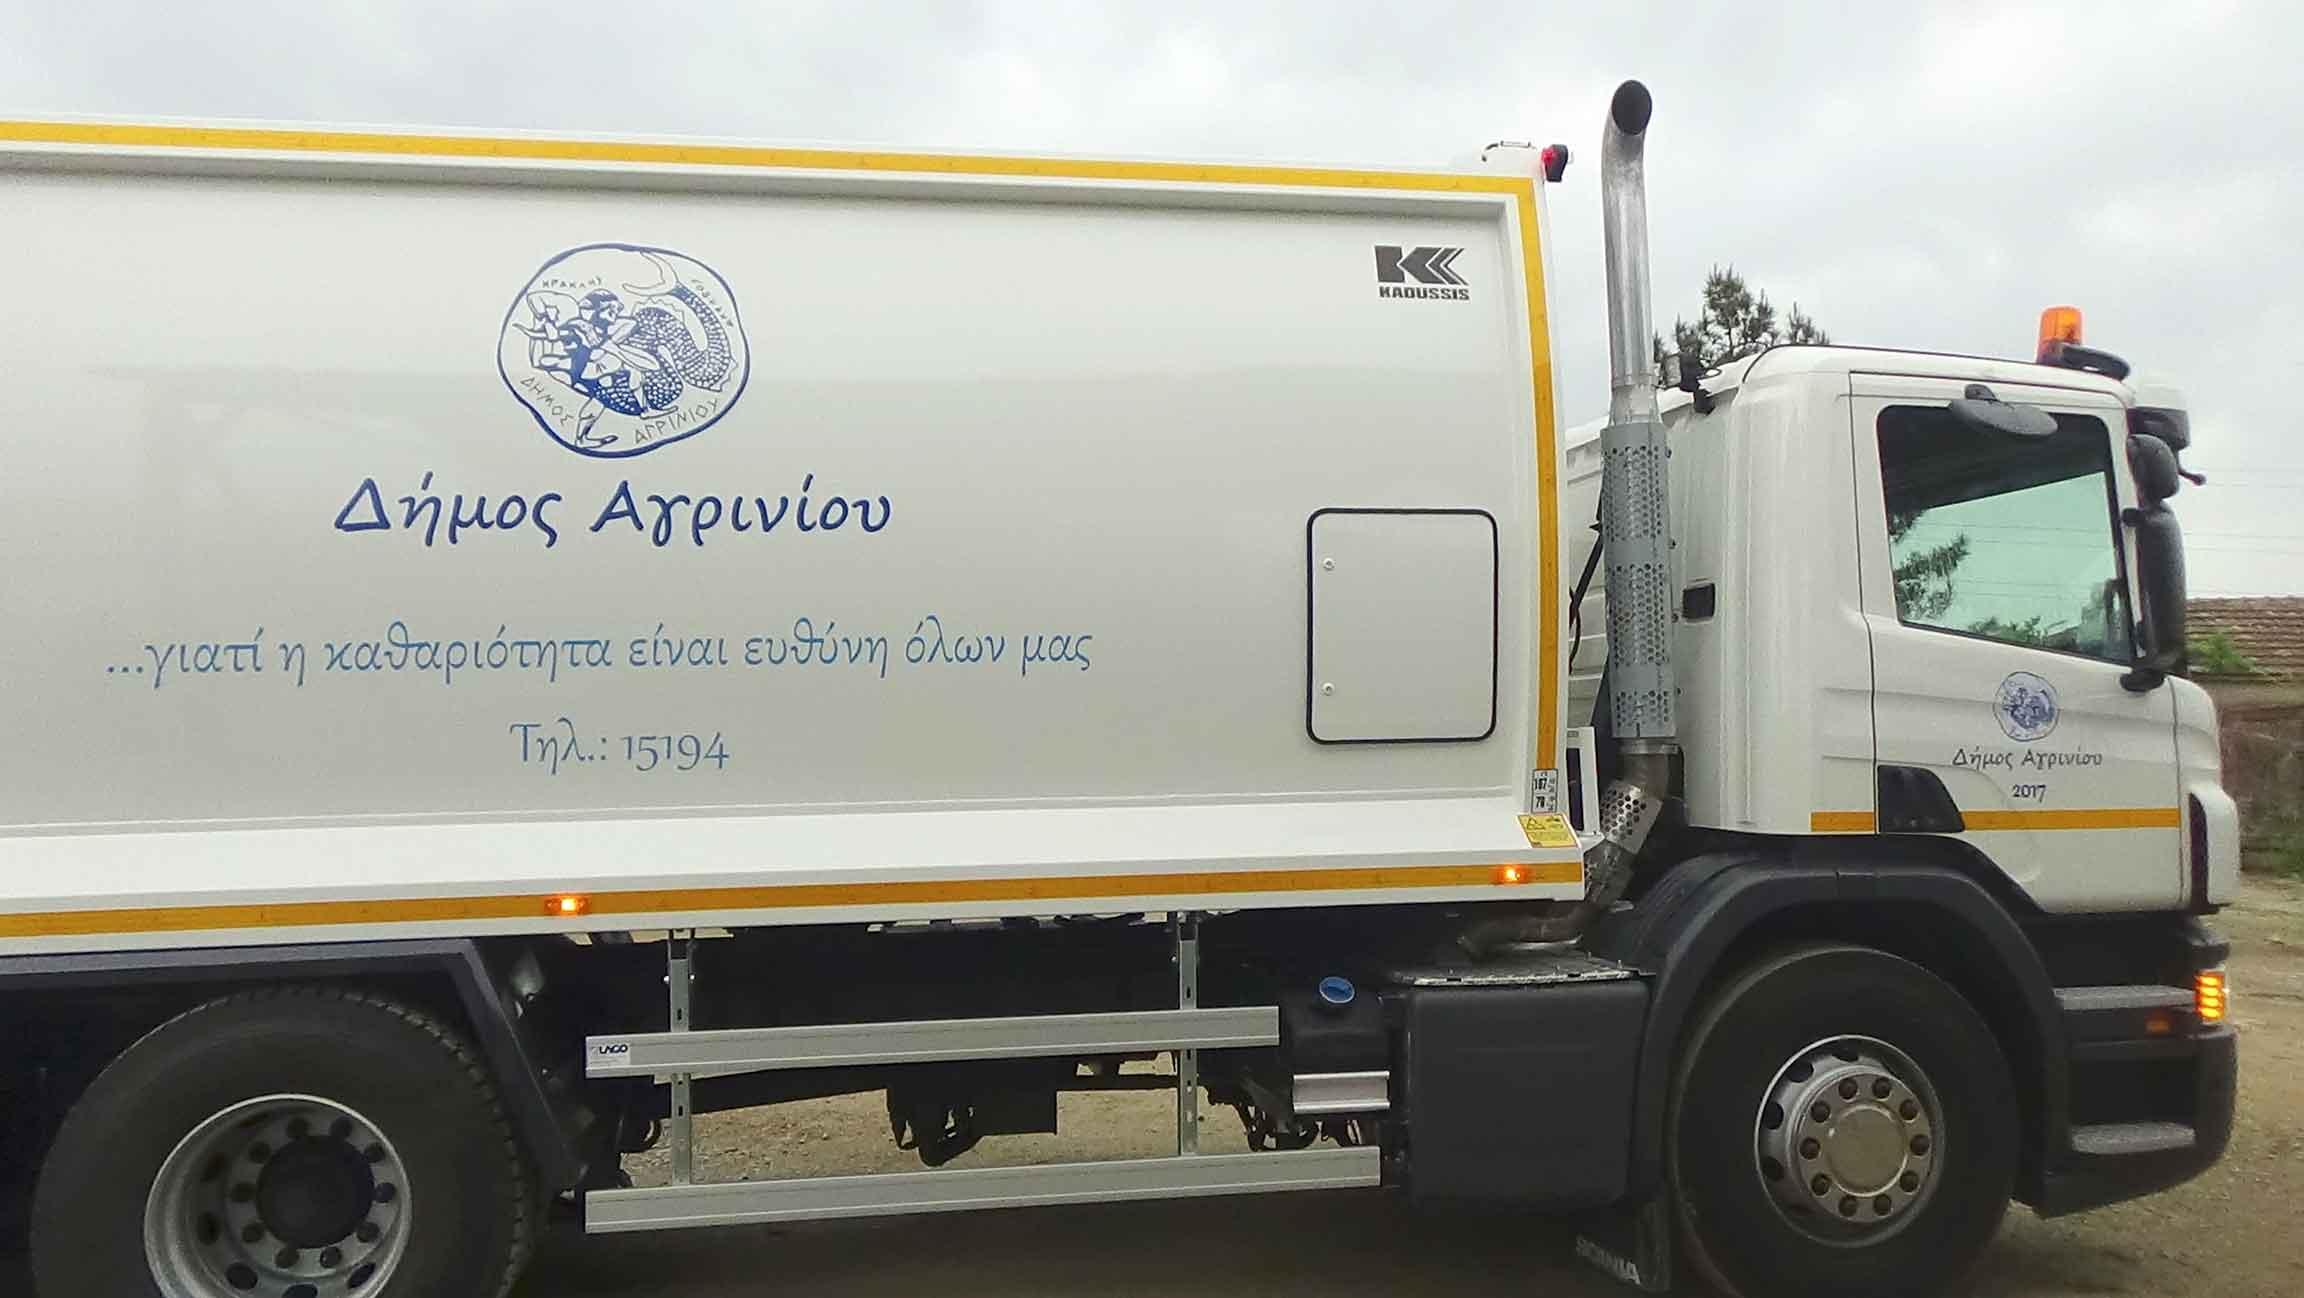 Συστάσεις από τον δήμο Αγρινίου για τη διαχείριση των οικιακών απορριμμάτων